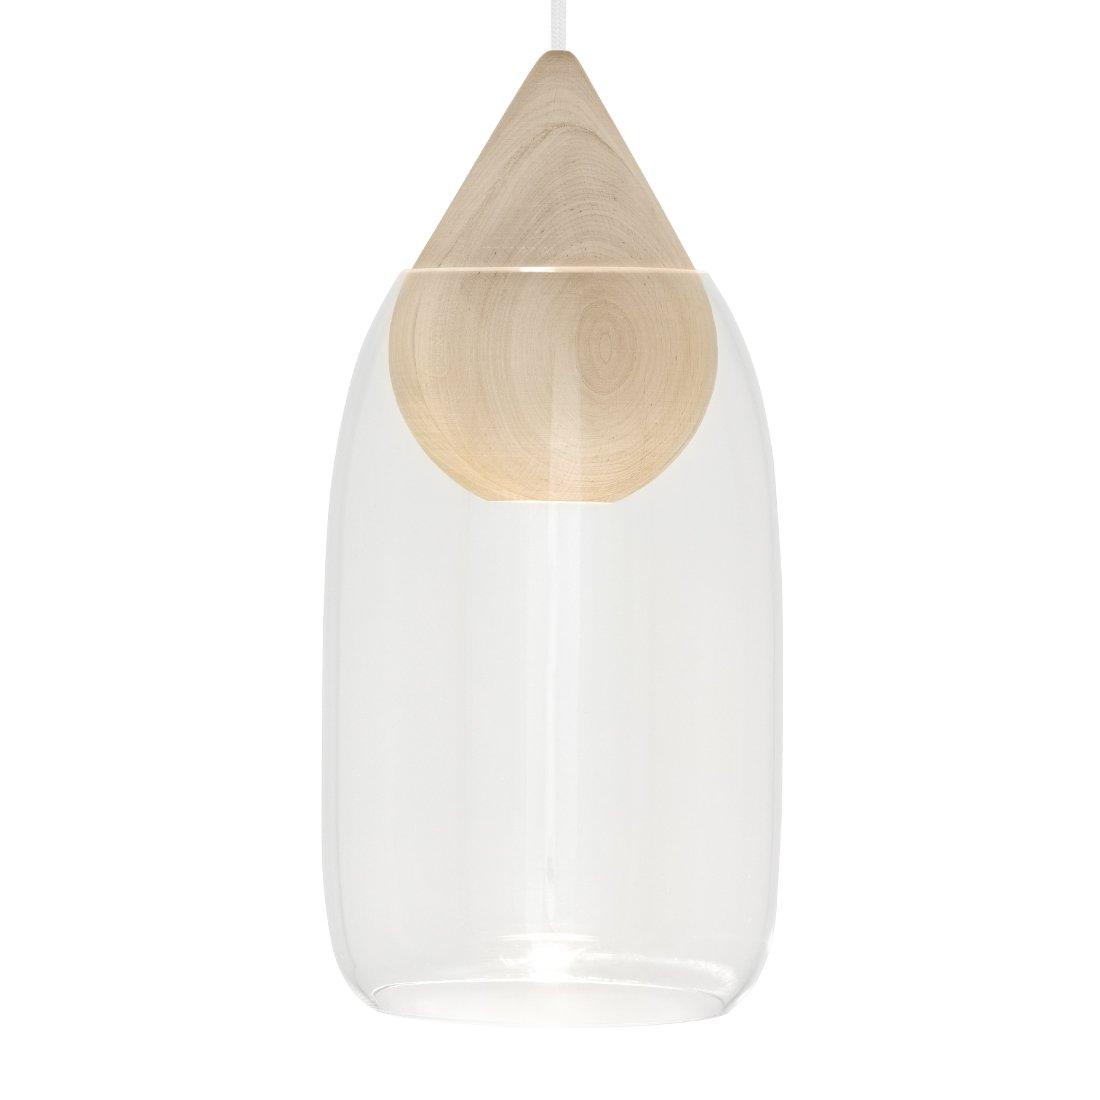 Mater Liuku Drop Glass Hanglamp Transparant